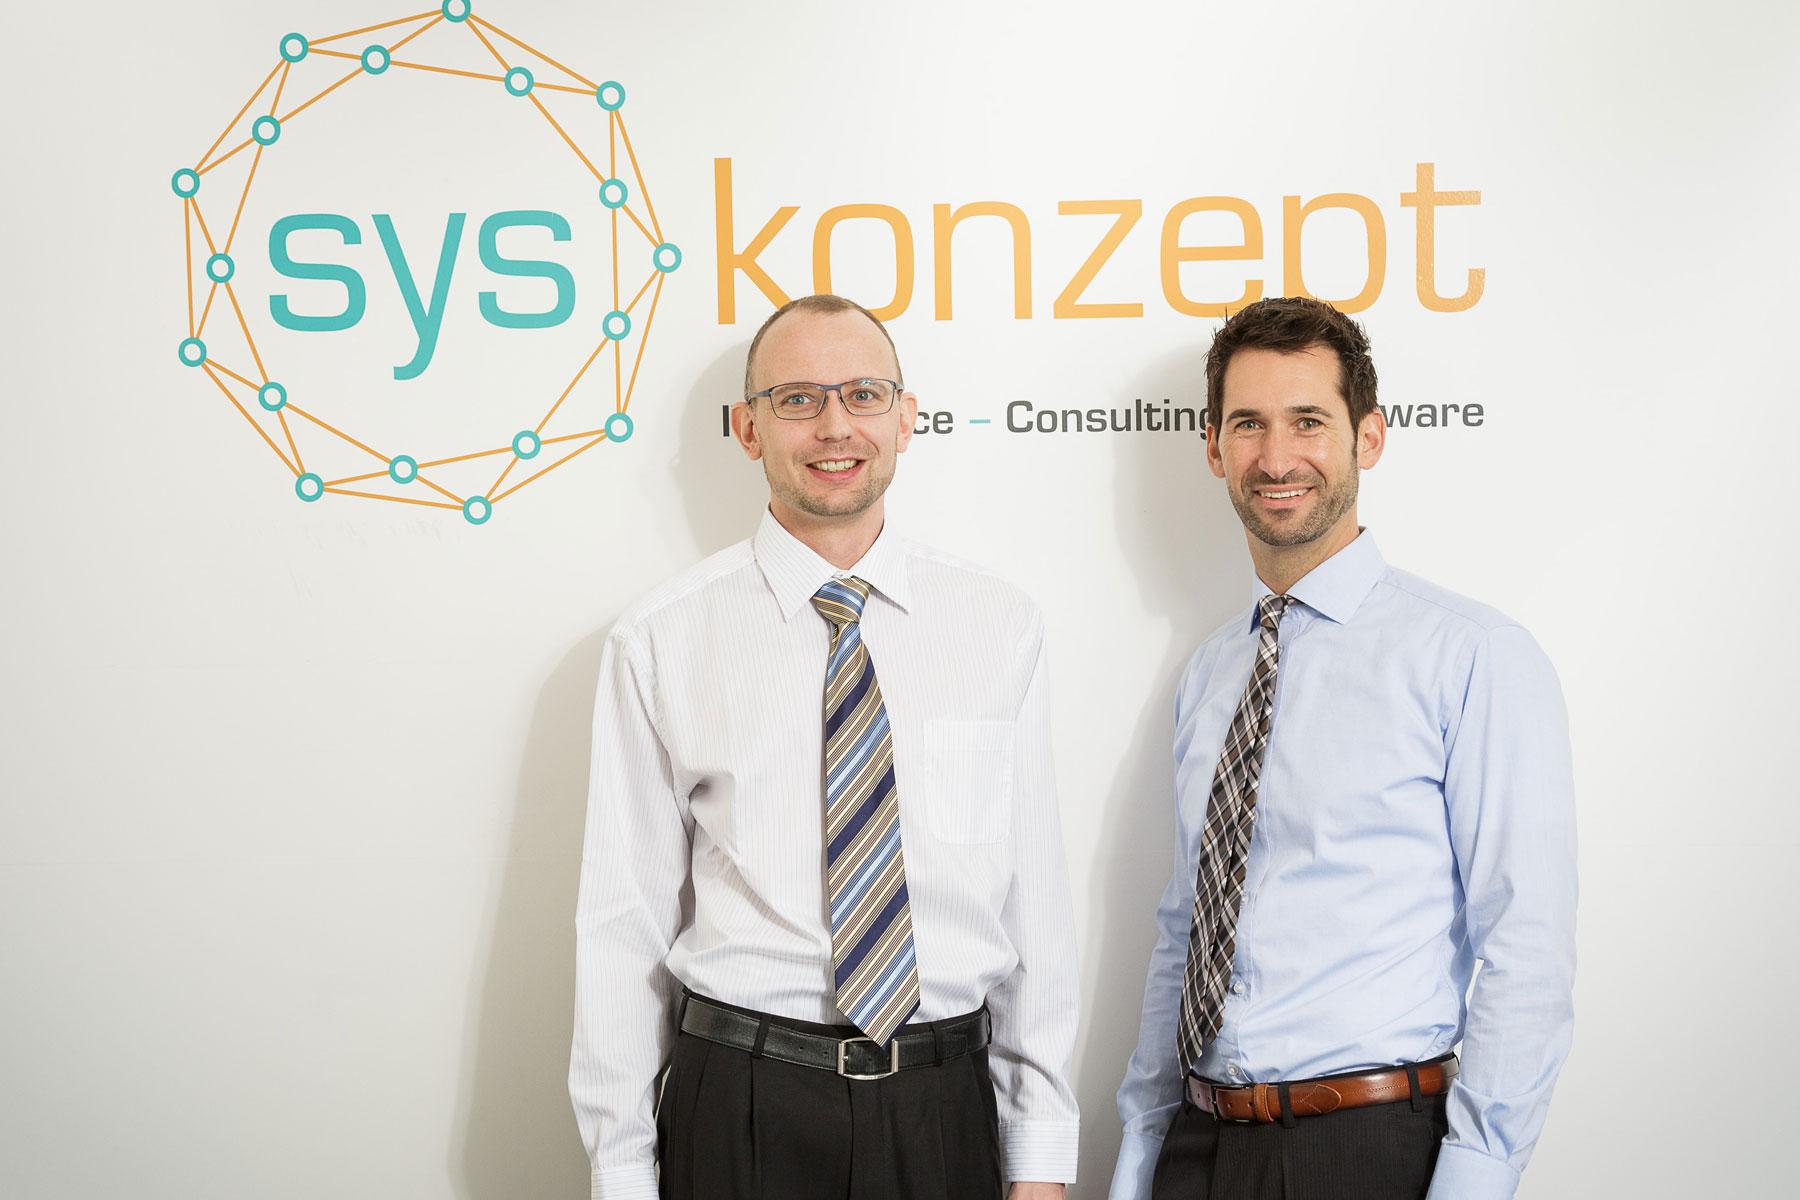 syskonzept Management: Alexander Crusius und Andreas Schaller (v.l.n.r.)